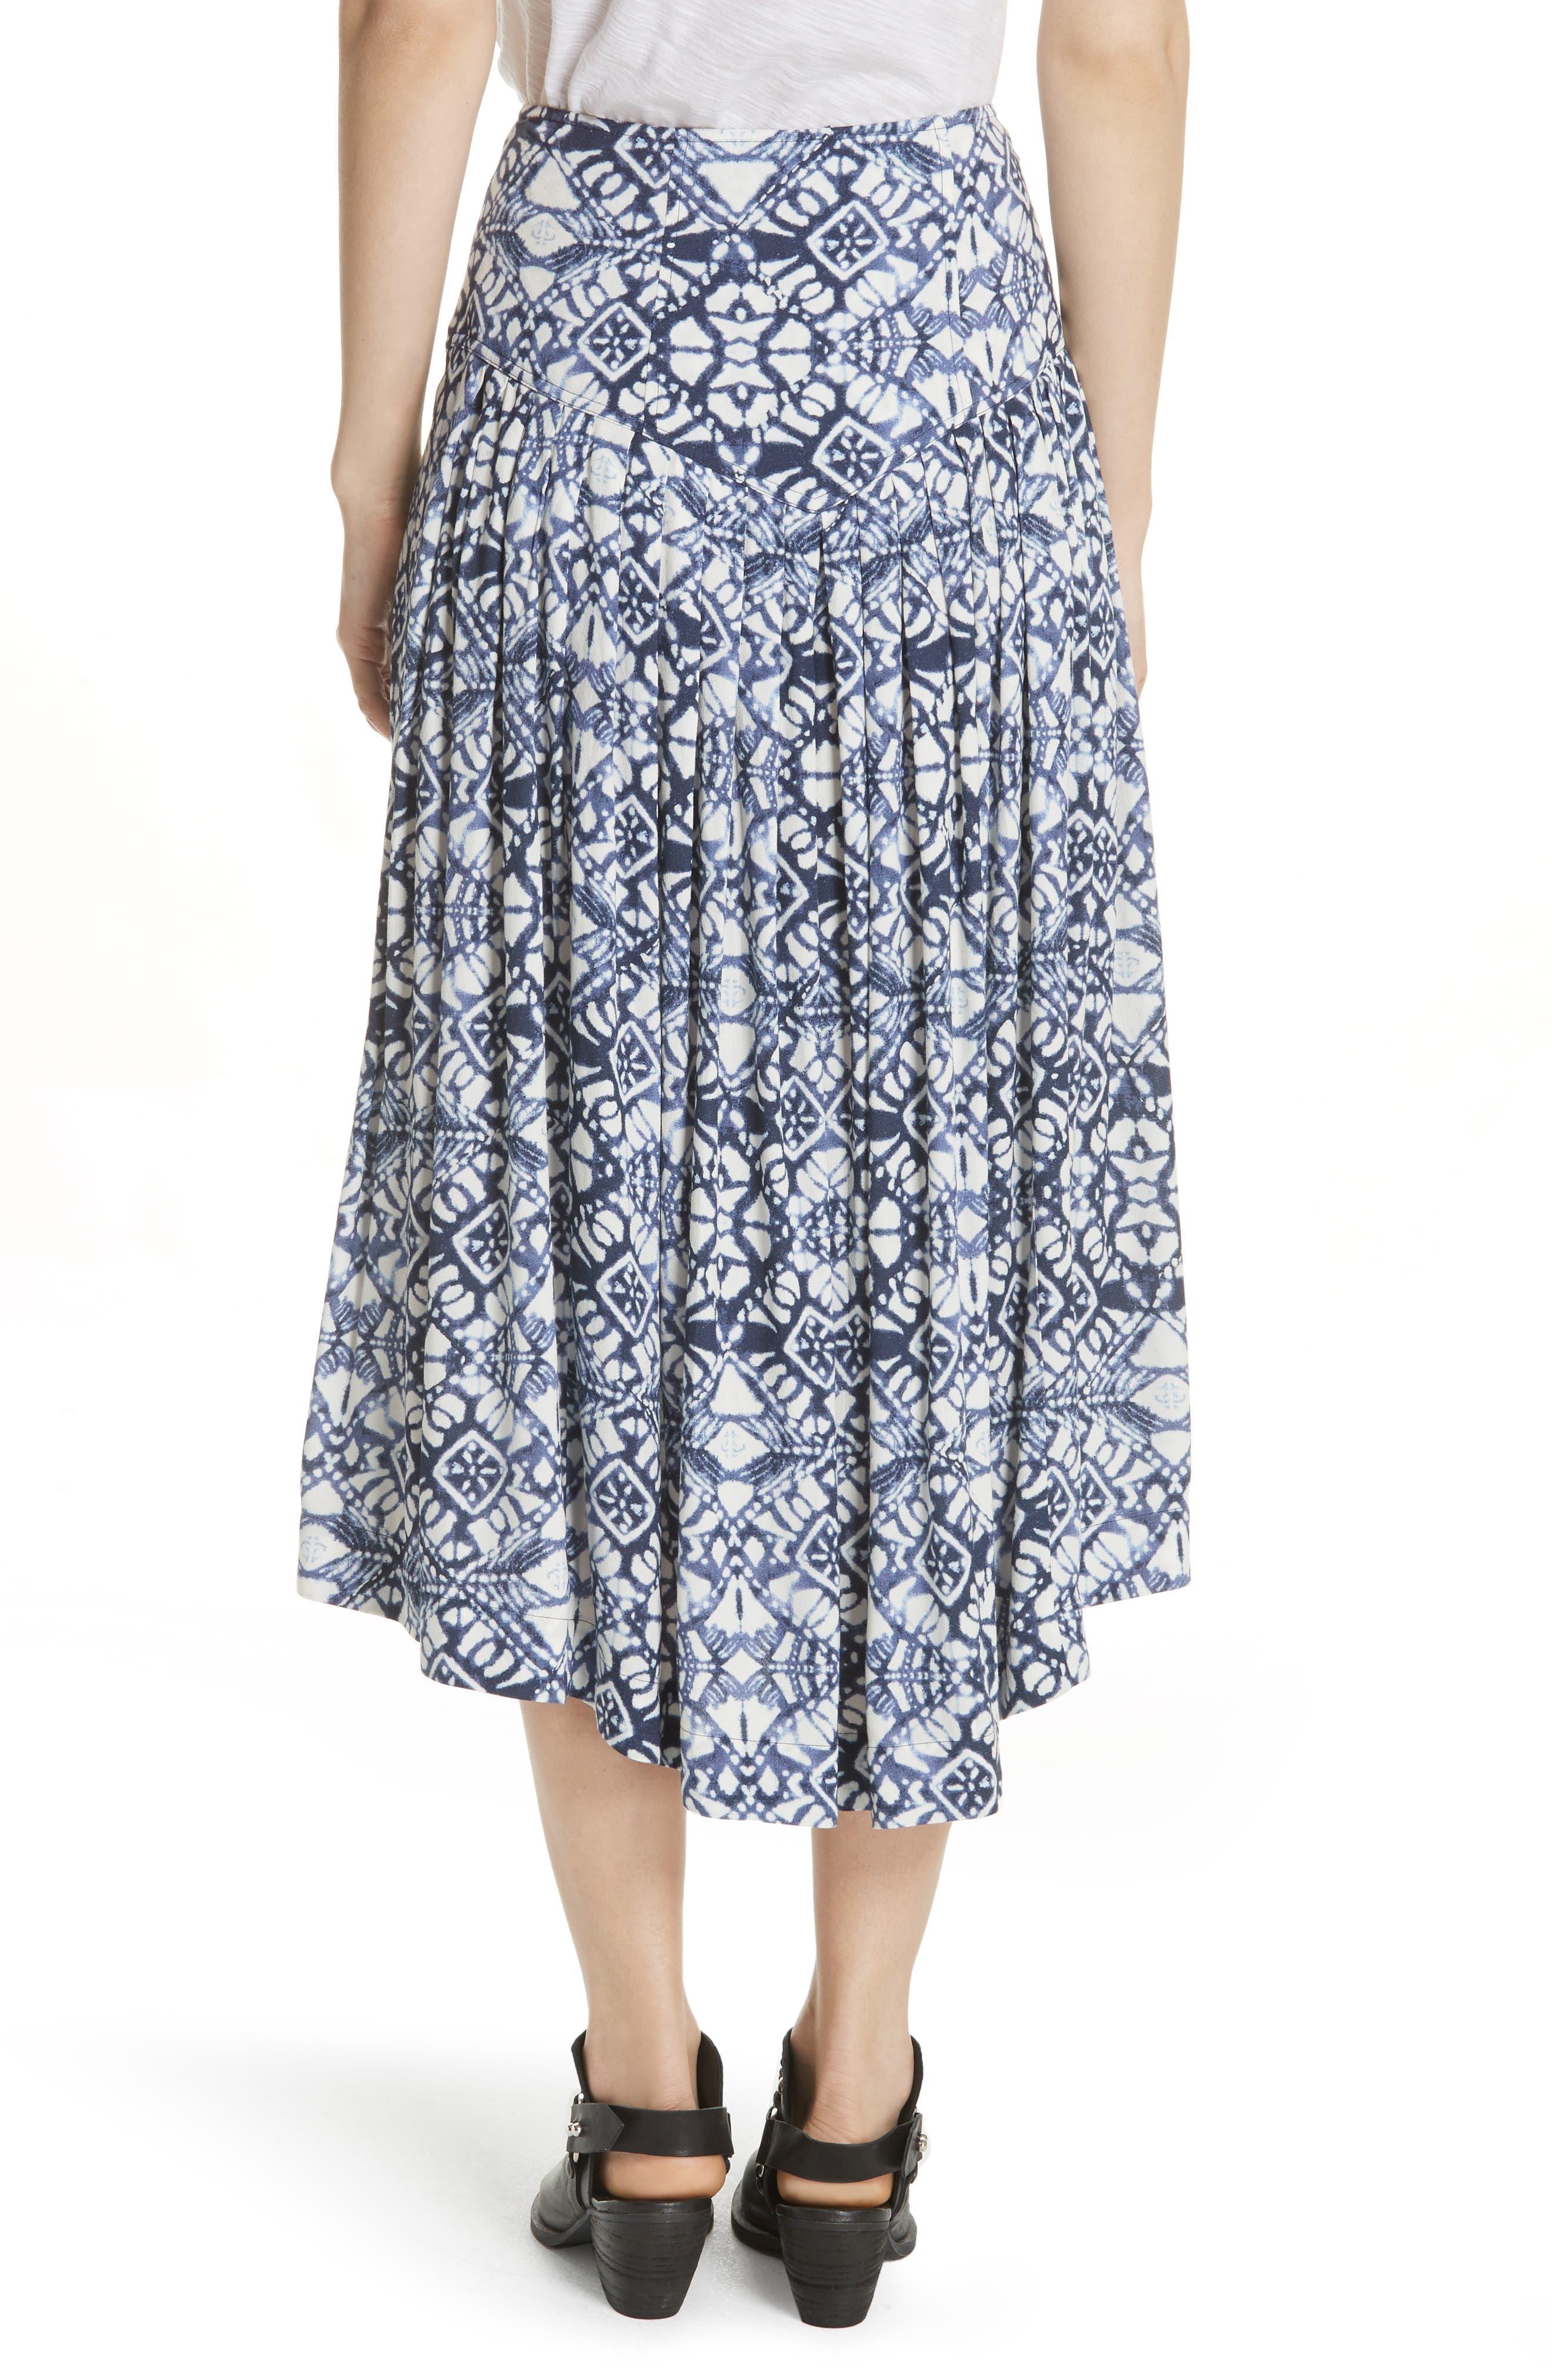 Lovers Dream Midi Skirt,                             Alternate thumbnail 2, color,                             401